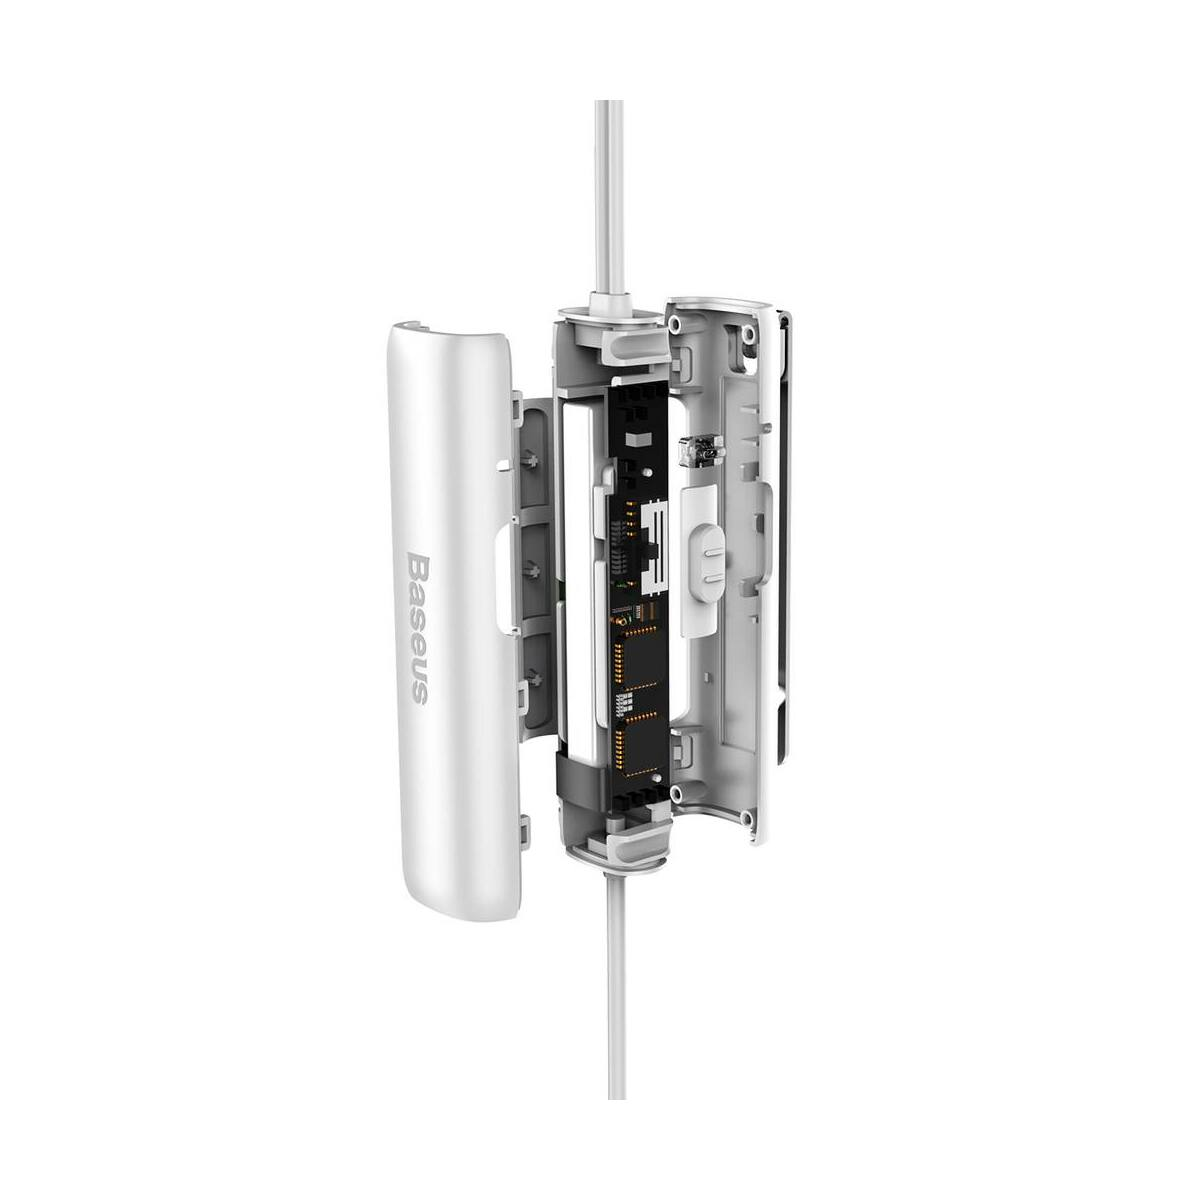 Baseus fülhallgató, Encok H08 Immersive virtual 3D gaming, mini jack, vezetékes, vezérlővel, fehér/szürke (NGH08-2G)